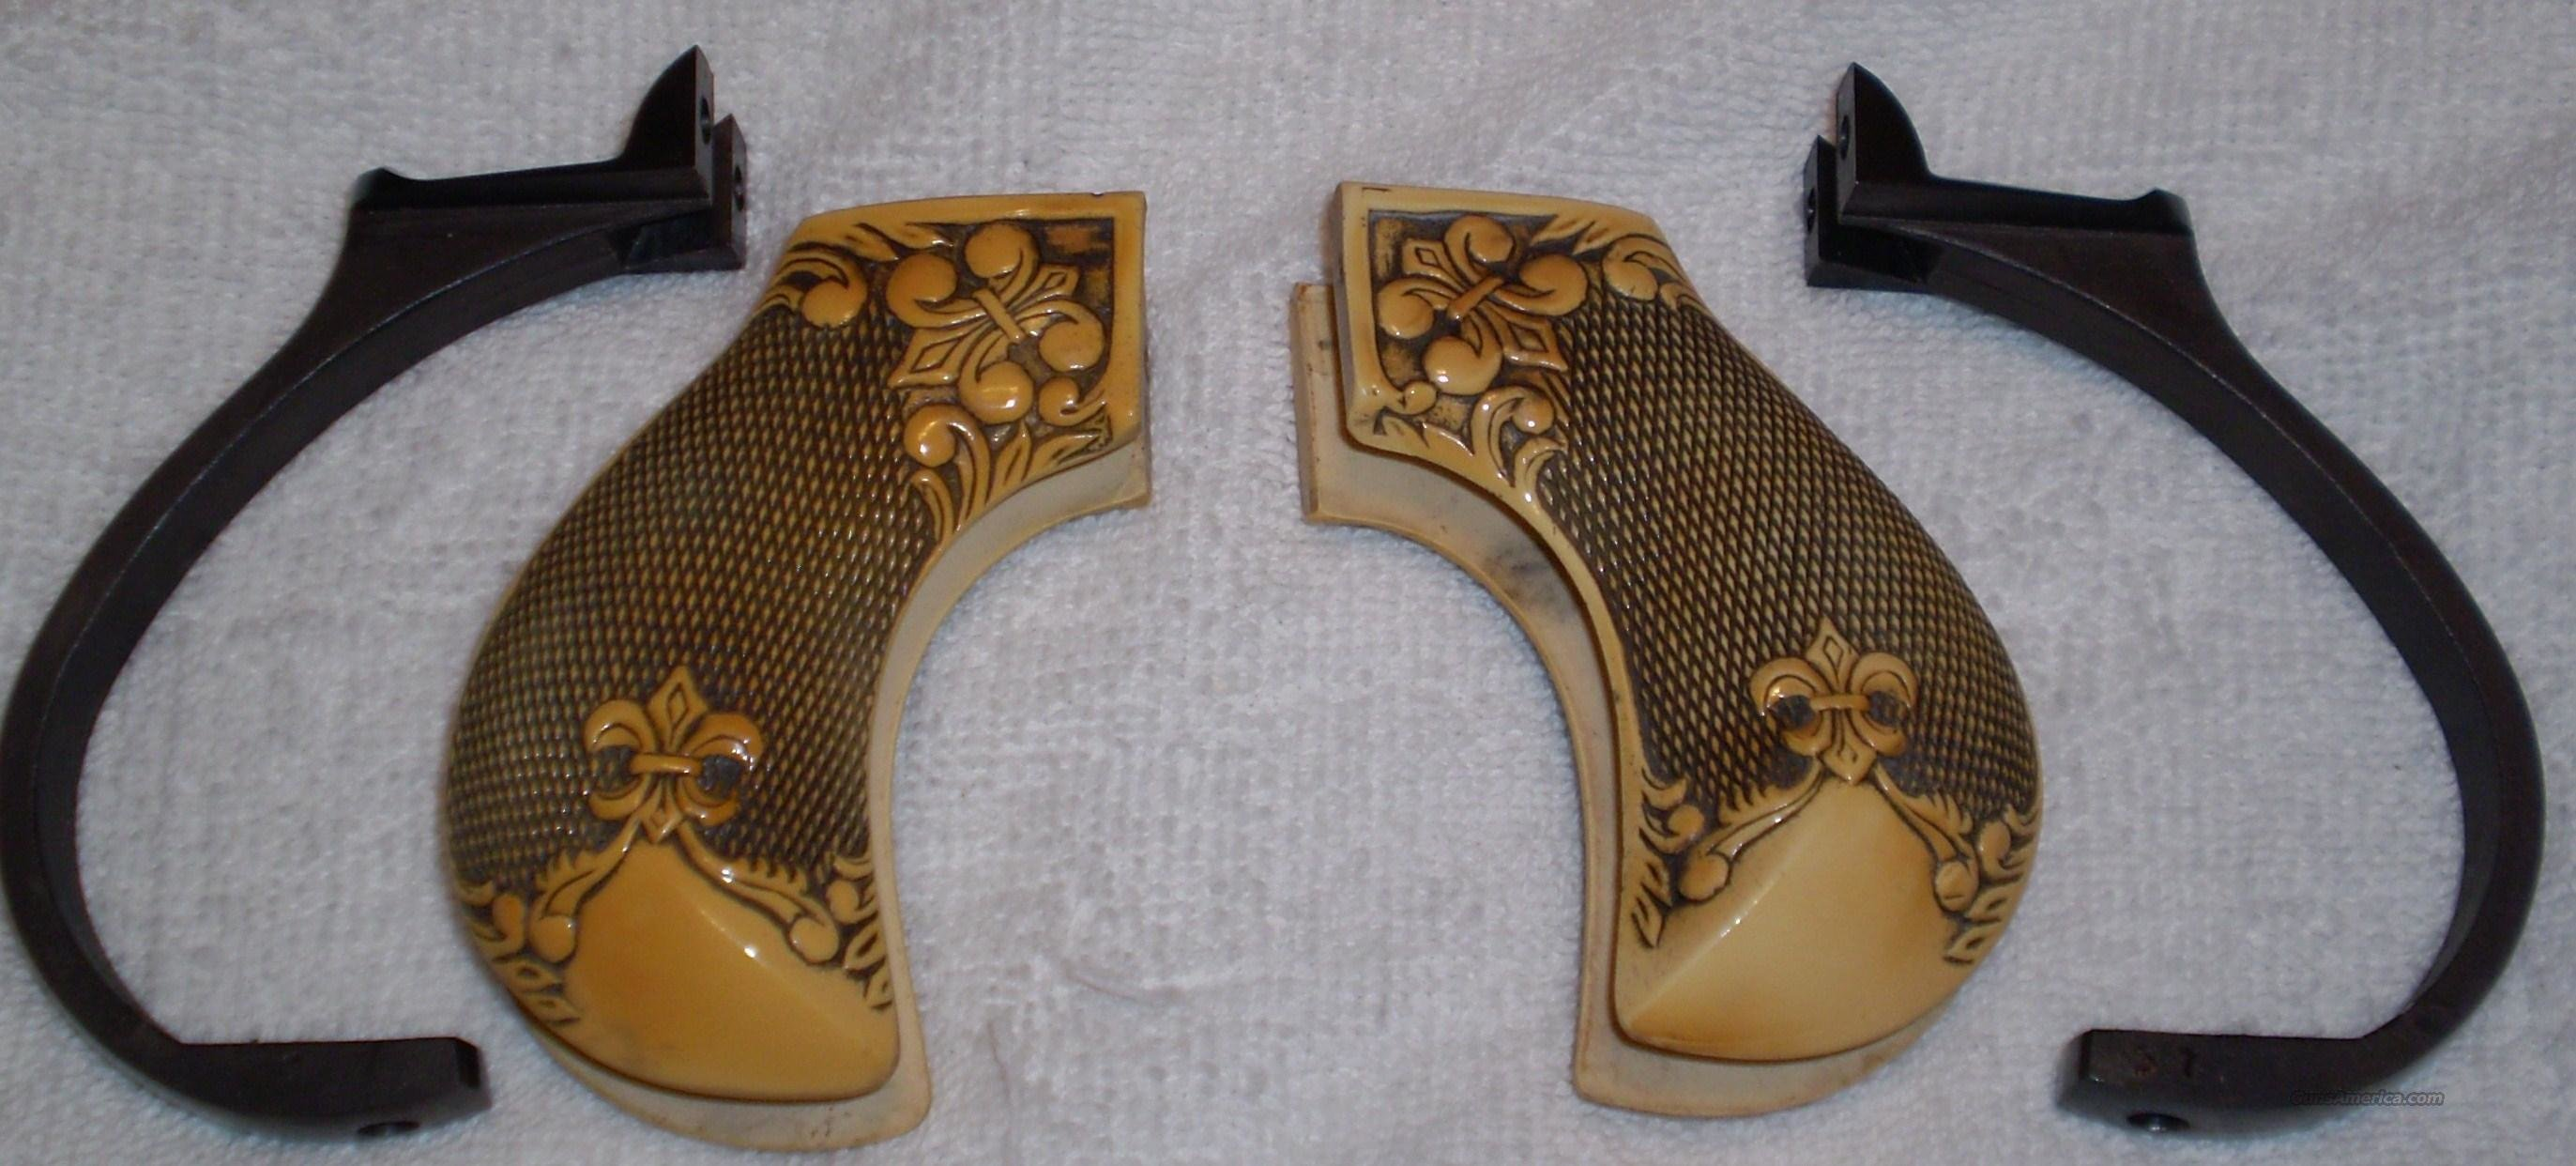 Cimarron Arms 1873 Thunderer Grips-set